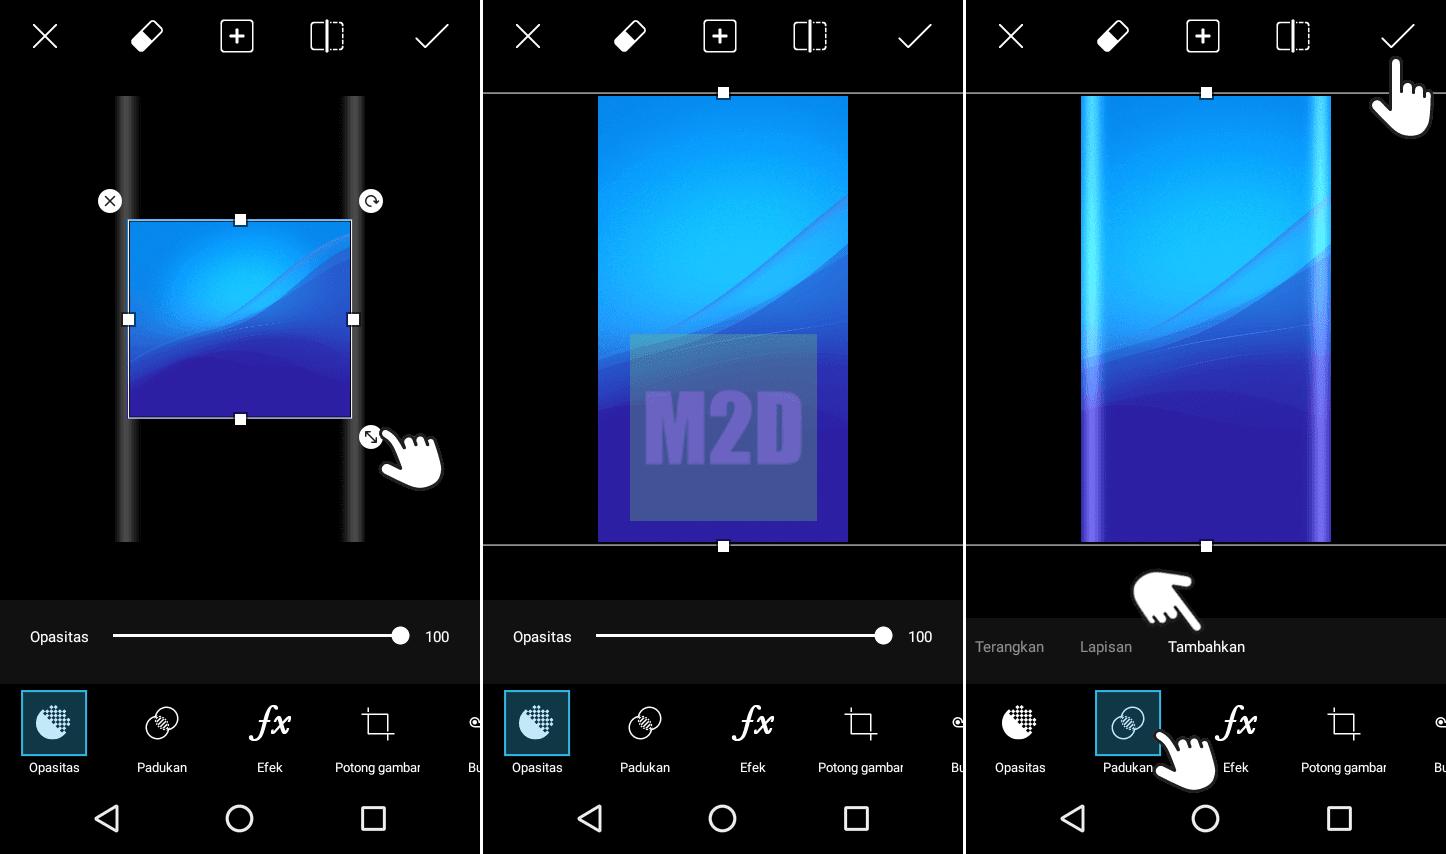 Cara Membuat Edge Wallpaper Di Android Dengan Picsart Memudahkan